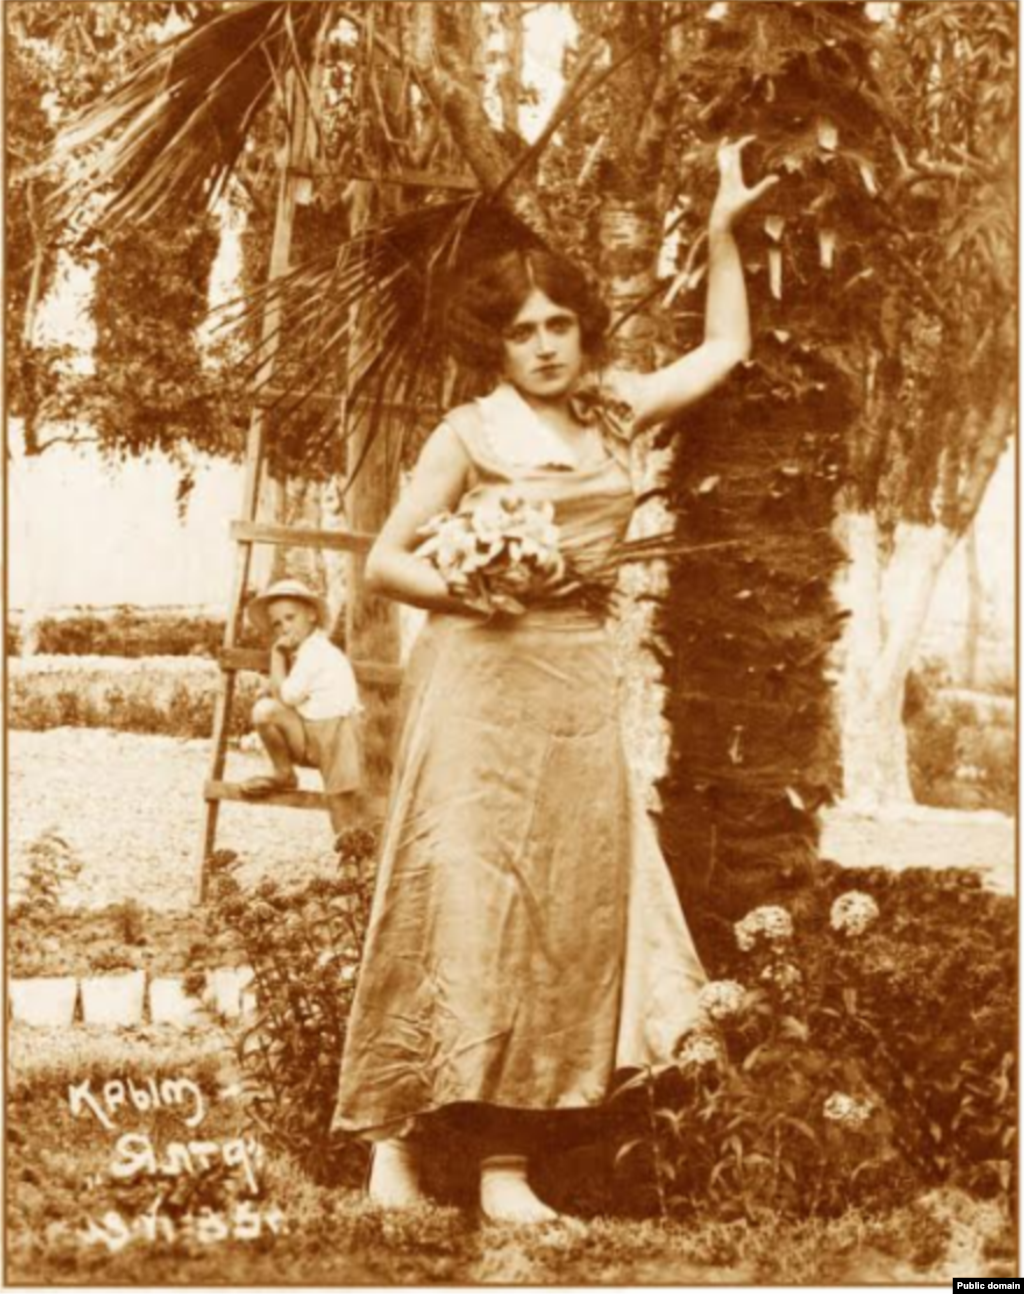 В марте 1956 годадело в отношении певицы прекратили из-за отсутствия состава преступления. В 1957 году Сабрие стала солисткой ансмбля «Хайтарма» и продолжала записывать песни на крымскотатарском. Сабрие Эреджепова умерла в 1977 году в Ташкенте, так и не вернувшись в Крым. Больше об истории жизни Сабрие – на сайте